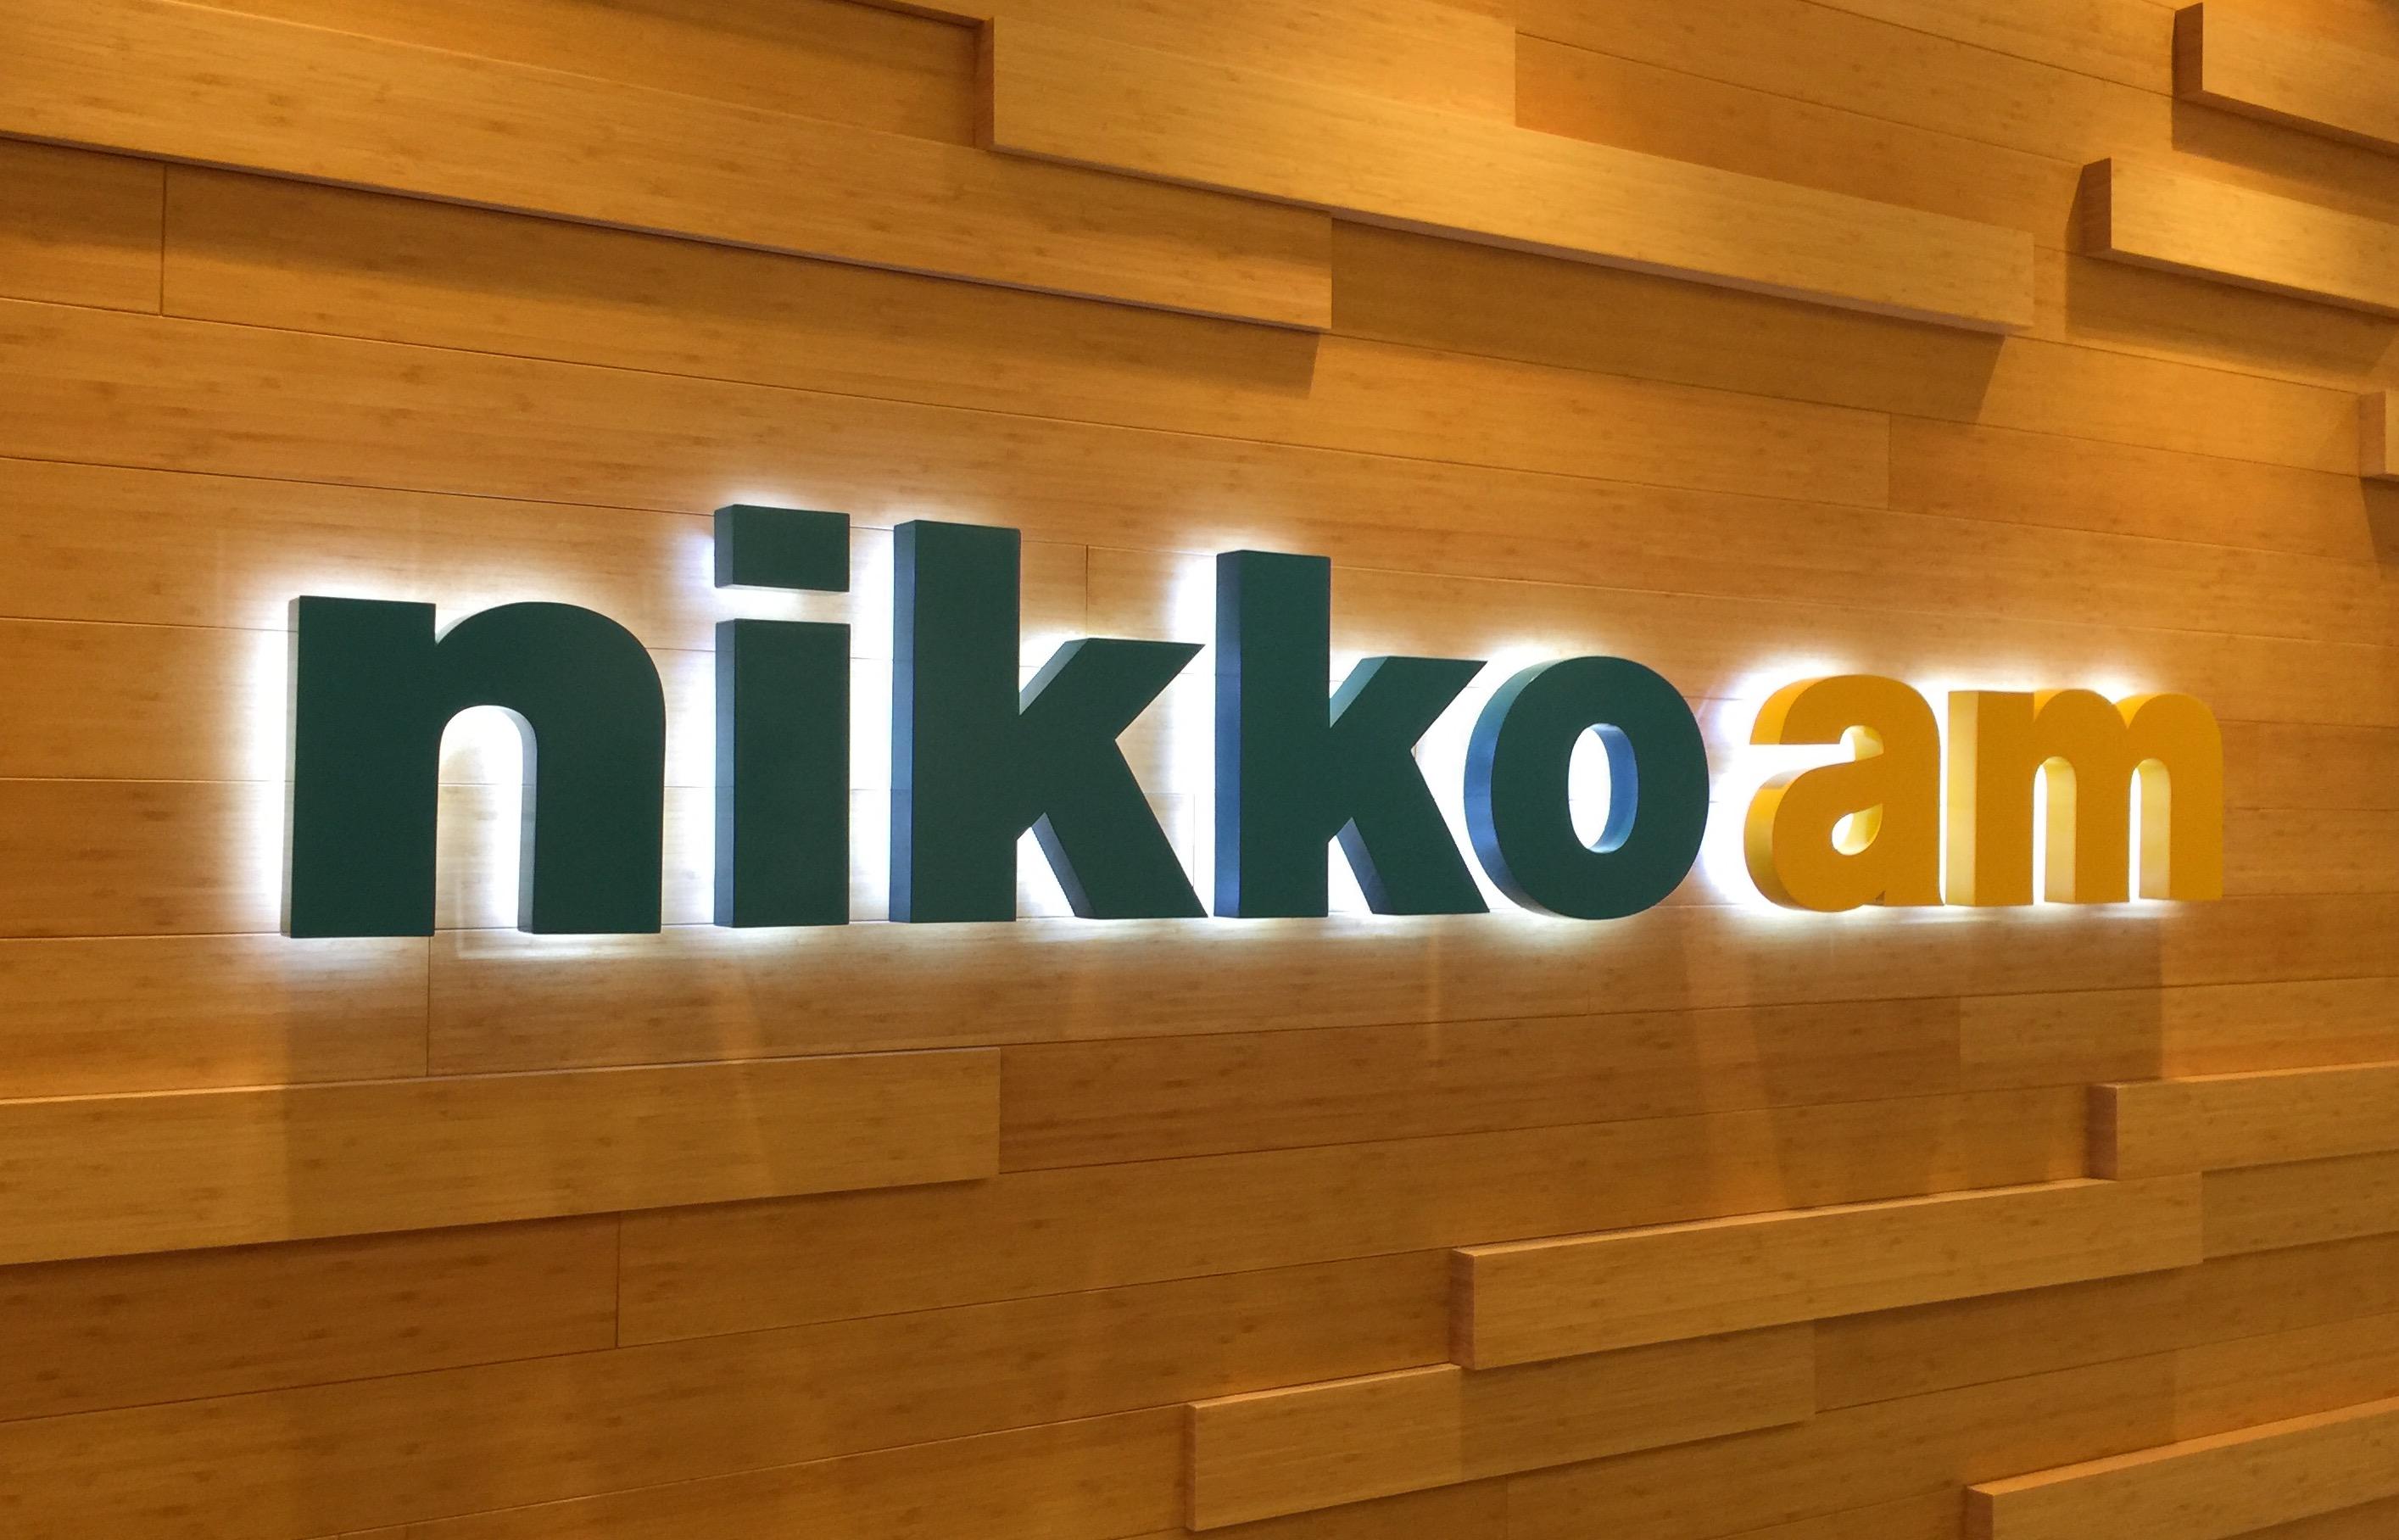 Nikko AM has partnered with Straits Trading on the Nikko AM-Straits Trading Asia ex Japan REIT ETF (Photo: REITsWeek)